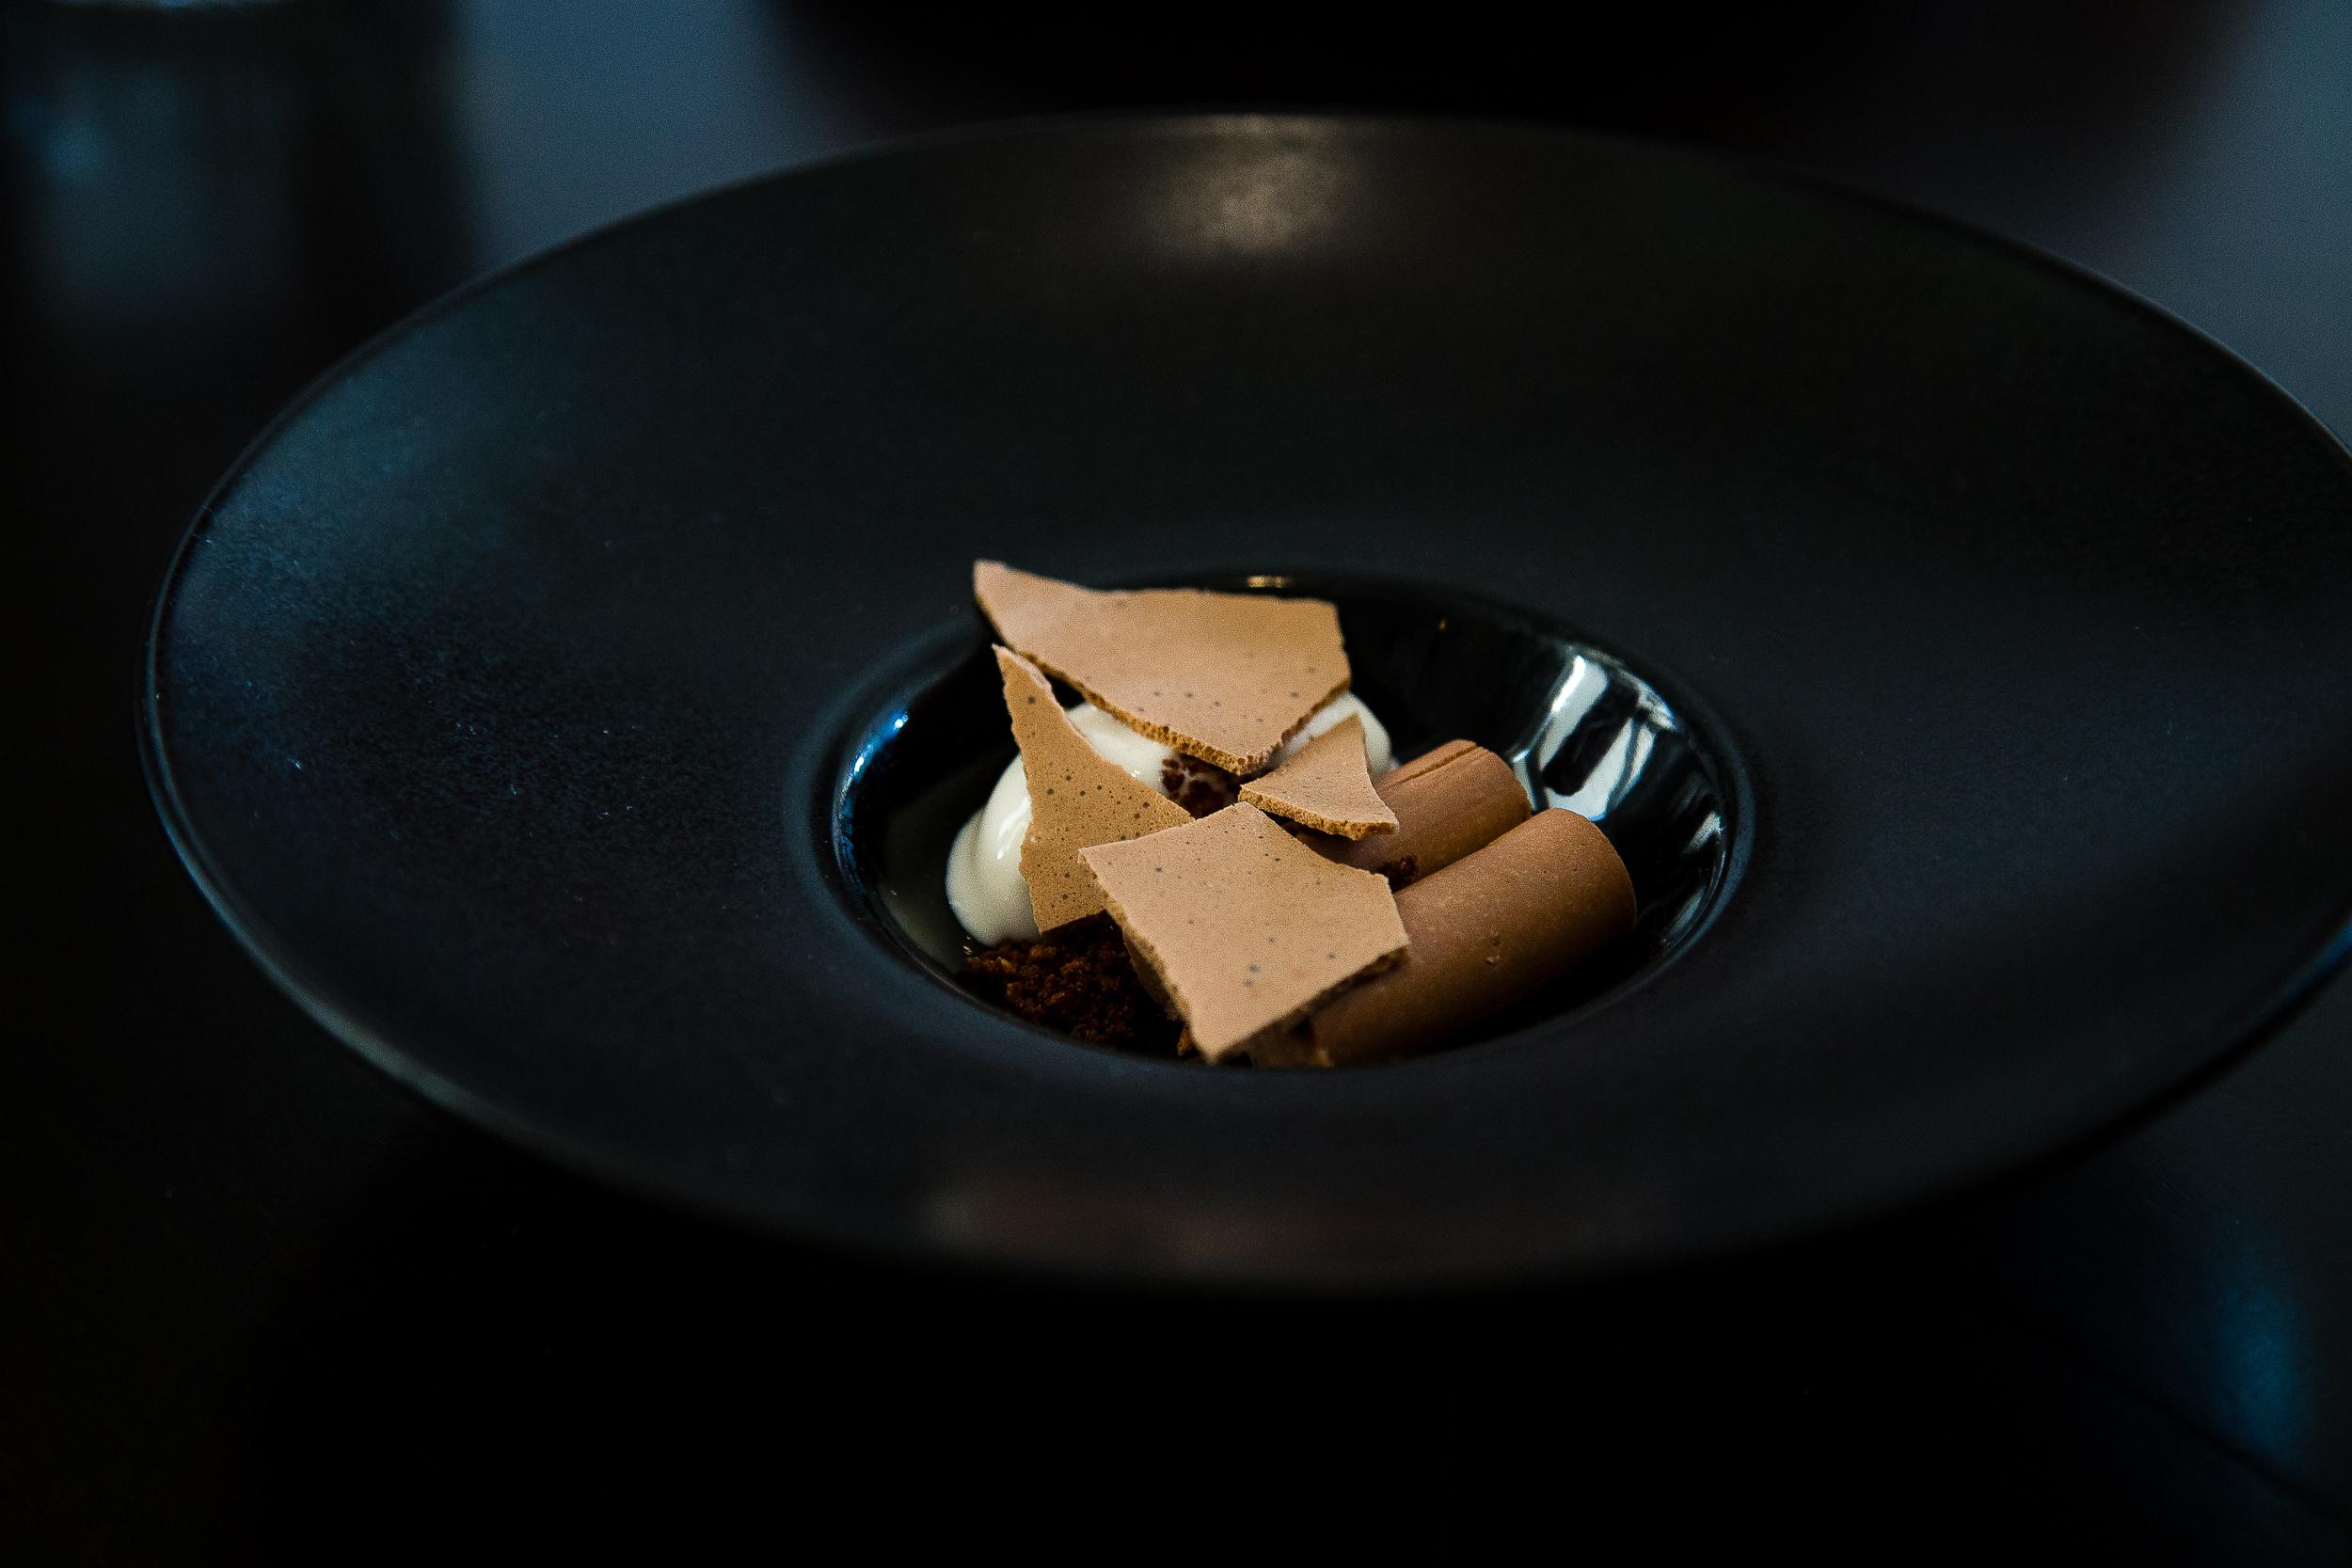 Raisin verjus, malted buckwheat ice cream, crispy buckwheat, milk chocolate mousse, crispy milk chocolate